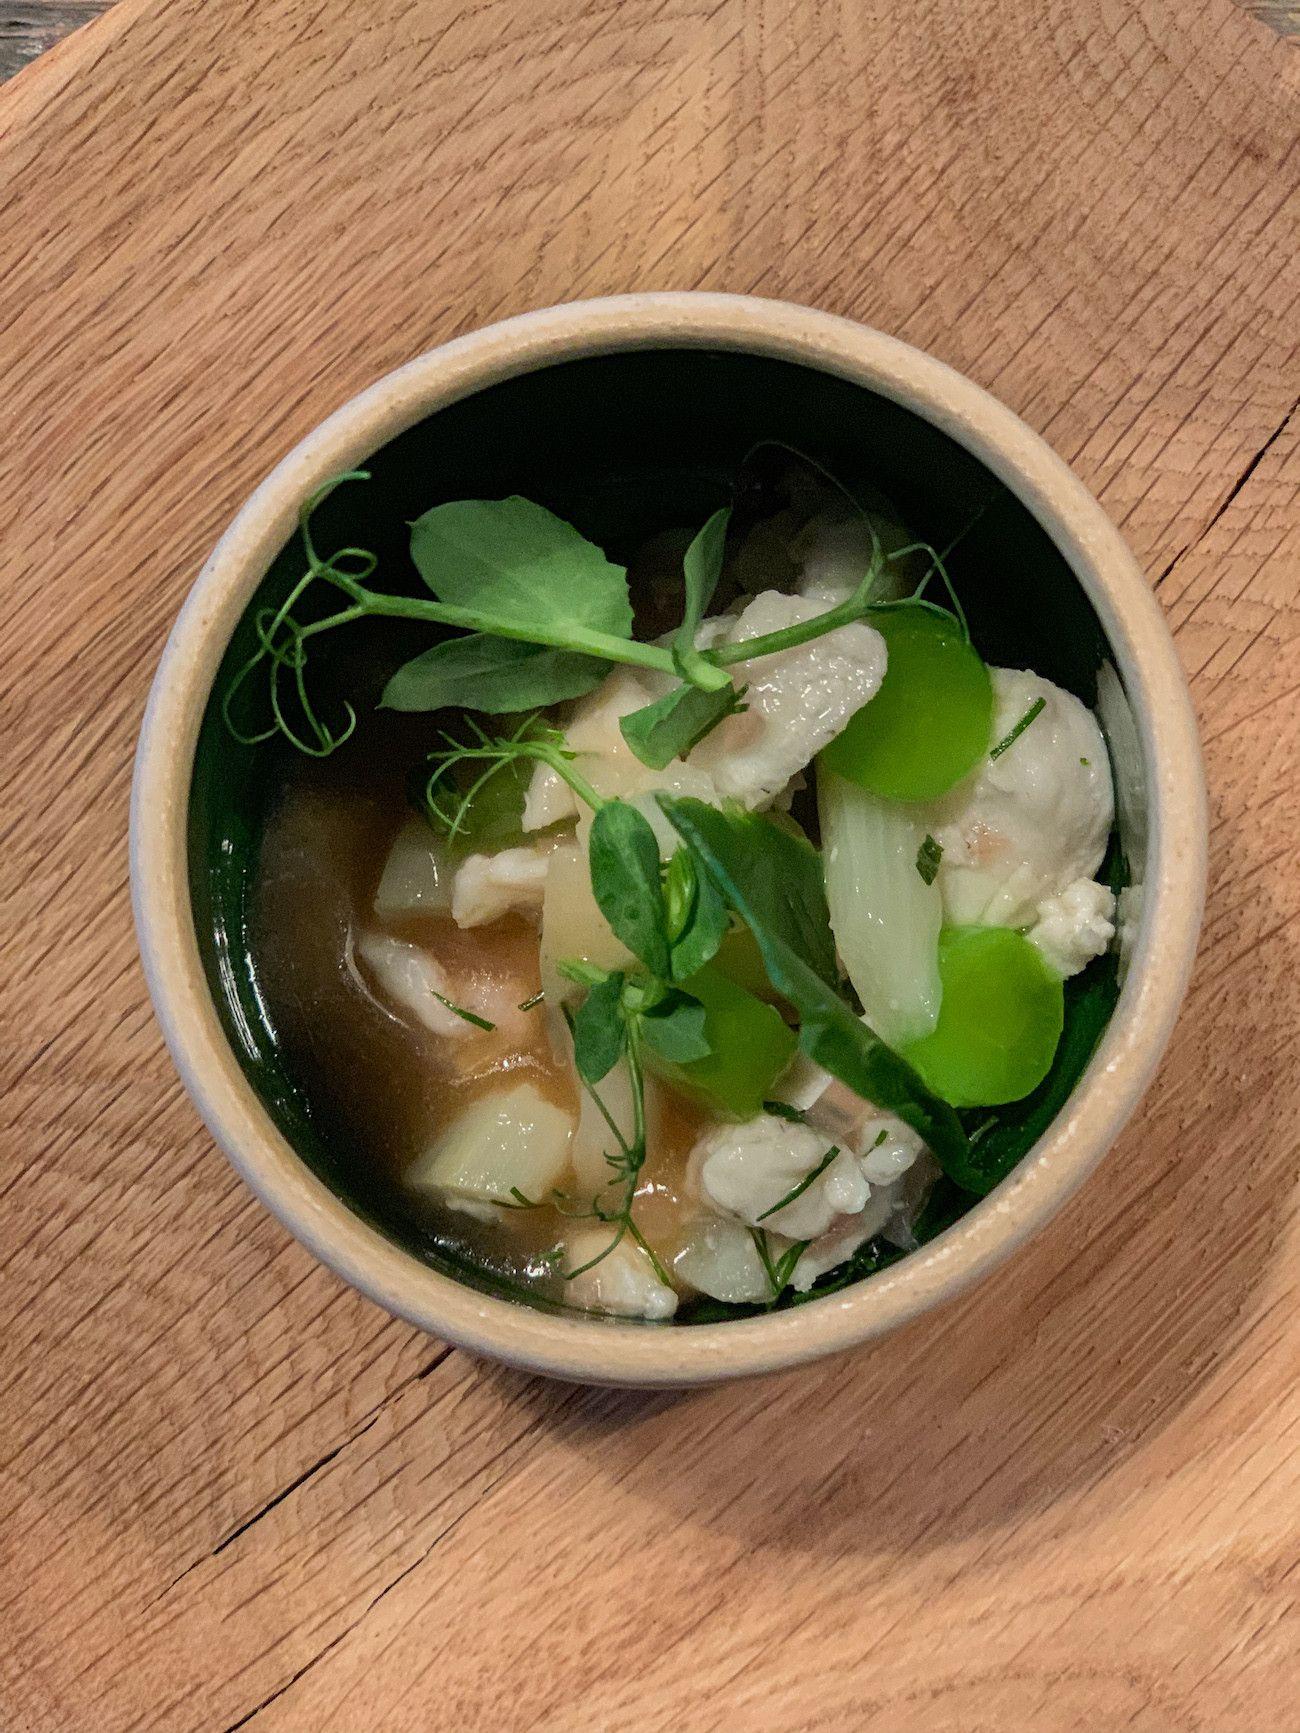 Foodblog, About Fuel, Leckerbissen, Tisk, Restaurtant, Ceviche